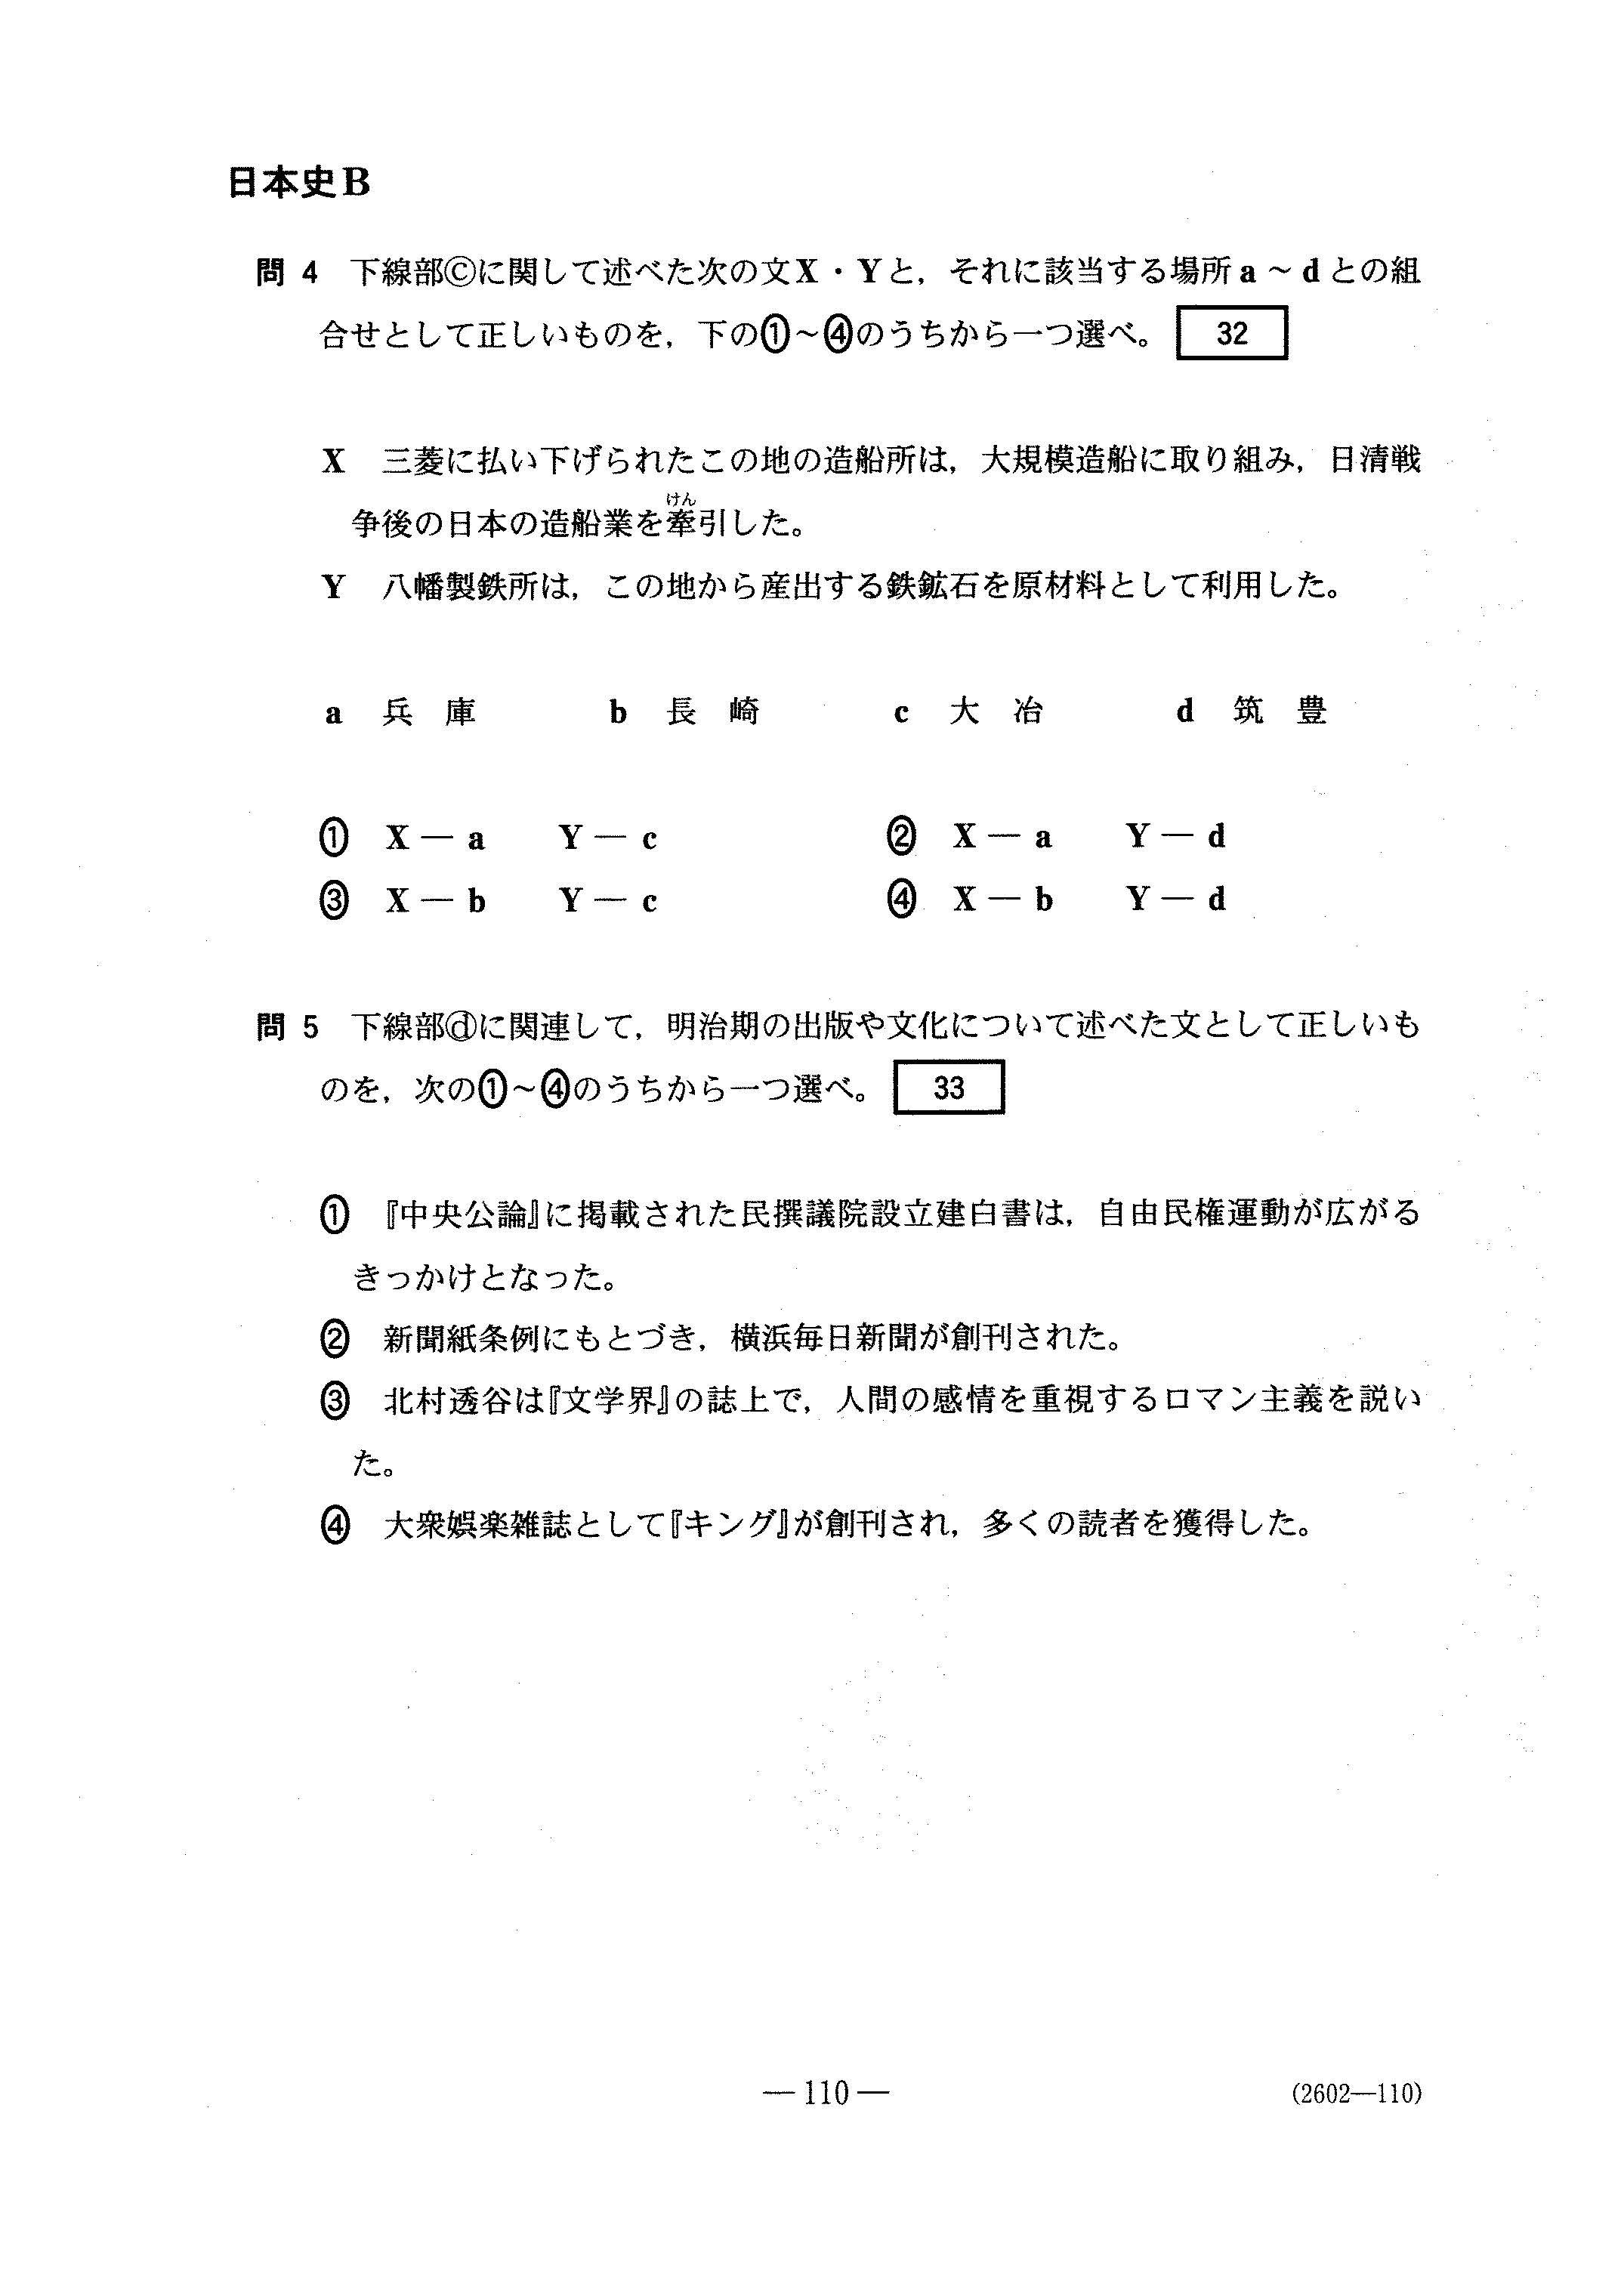 2017年 平成29年日本史B 大学入試センター試験過去問解答